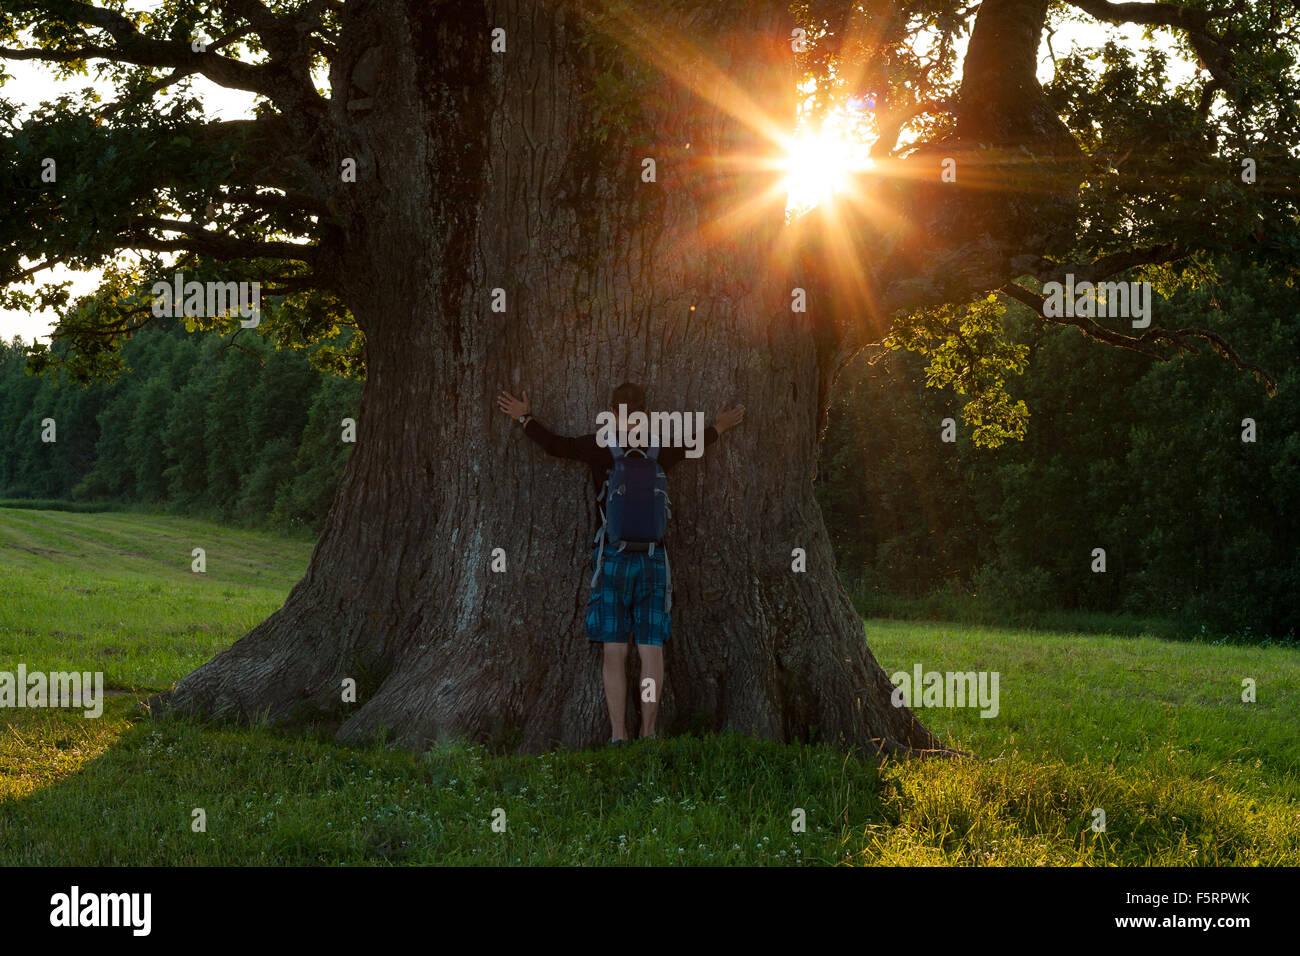 Man and stem of big grand oak - Stock Image